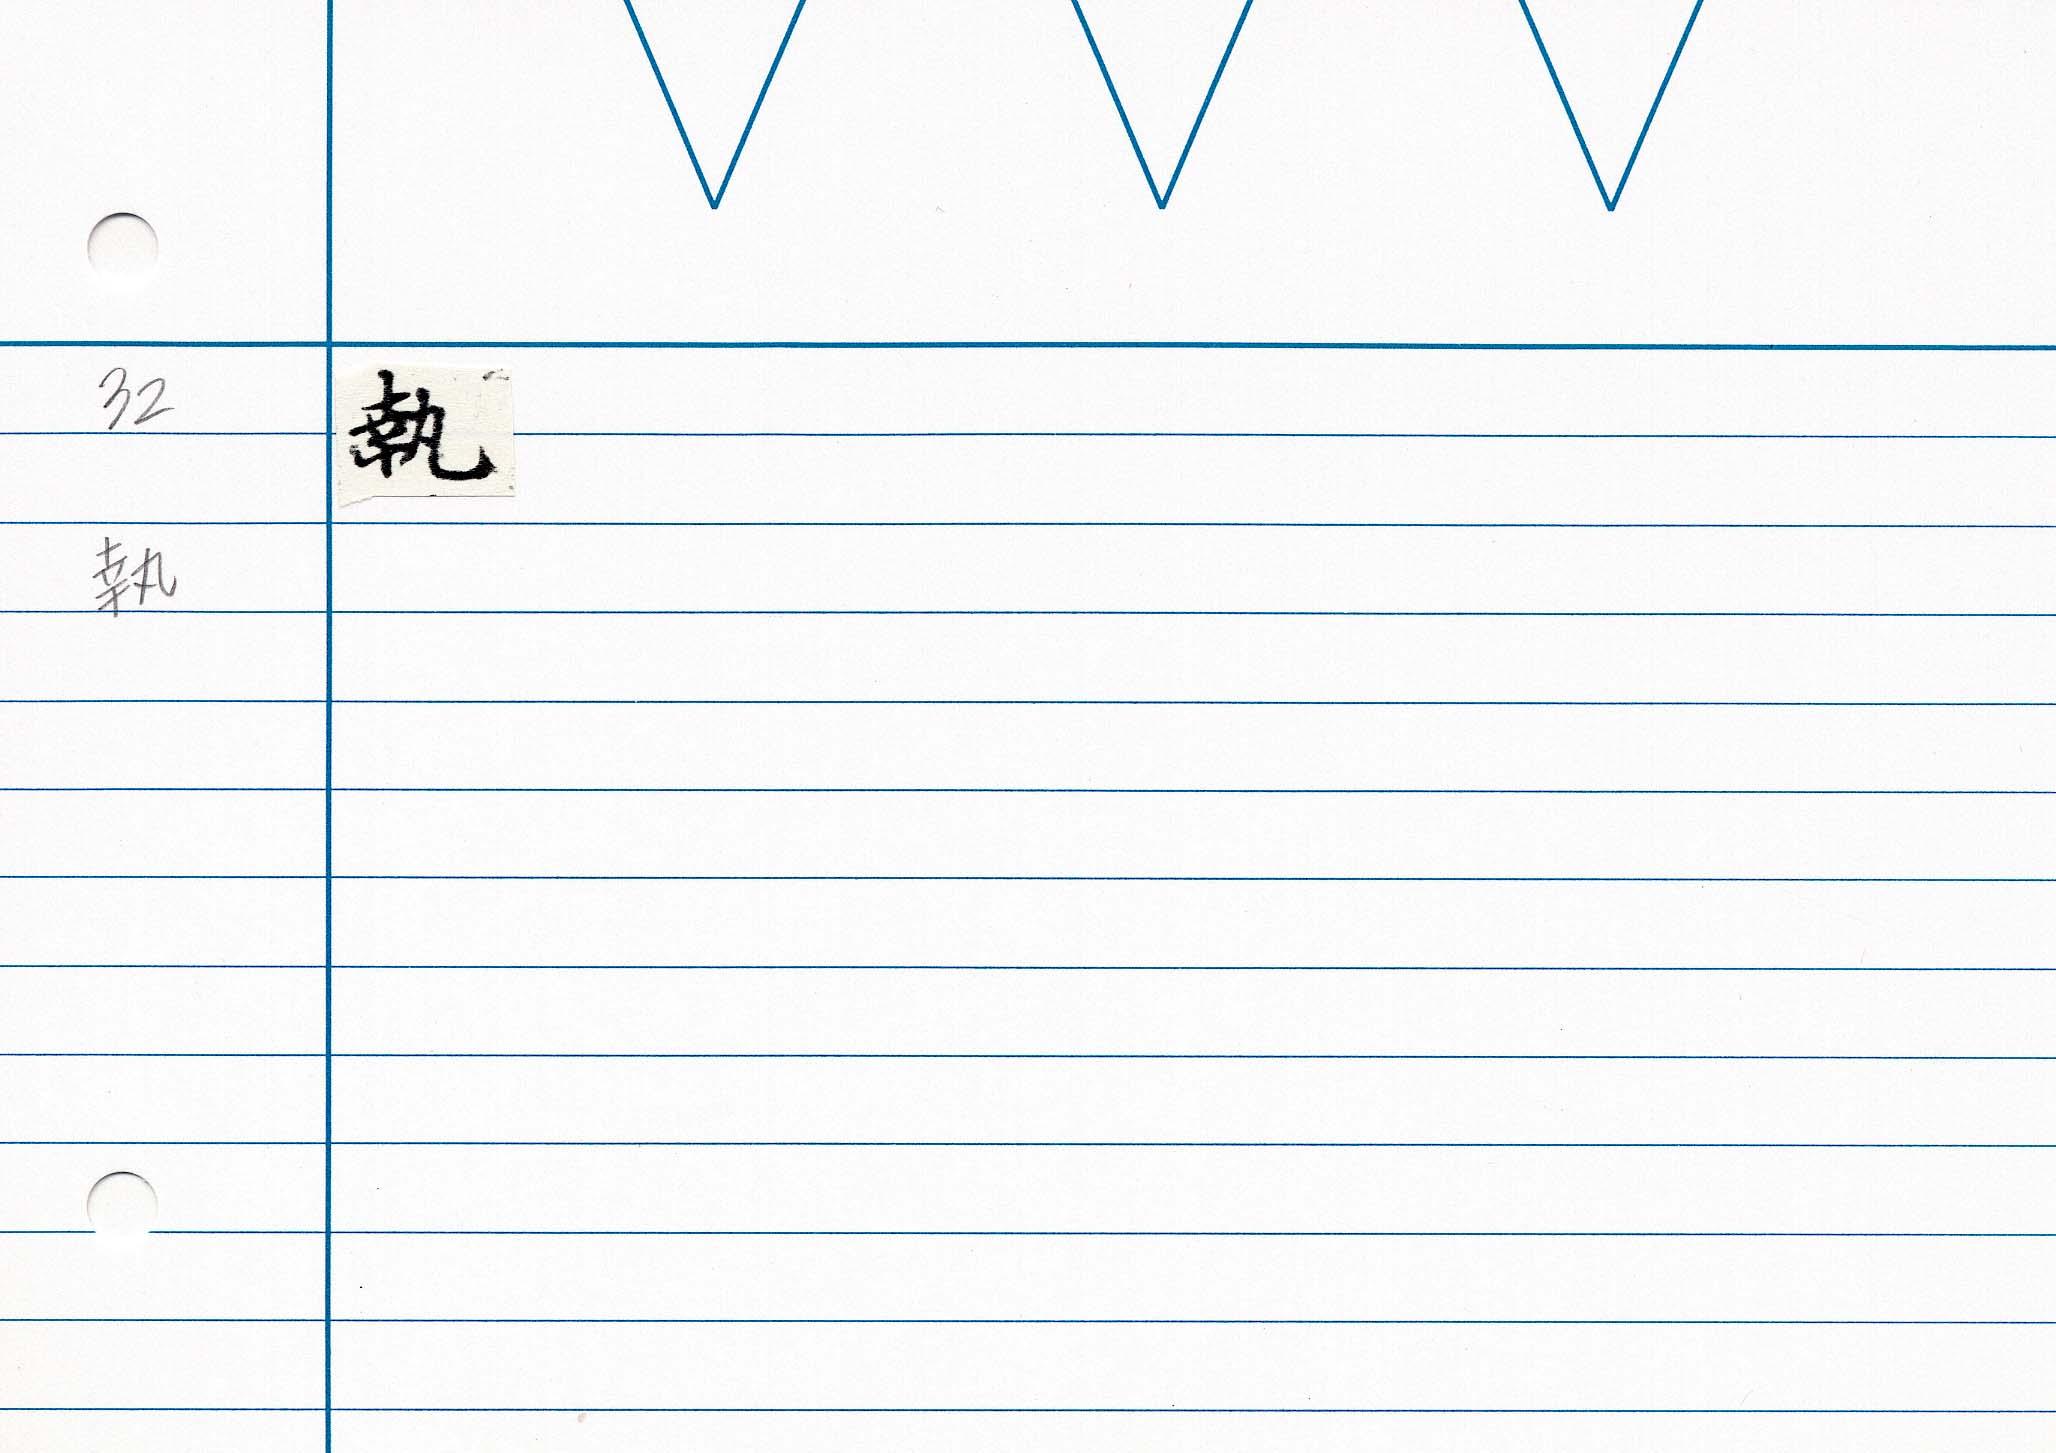 60_佛説大教王經卷一(東禪寺版日本寫本)/cards/0047.jpg